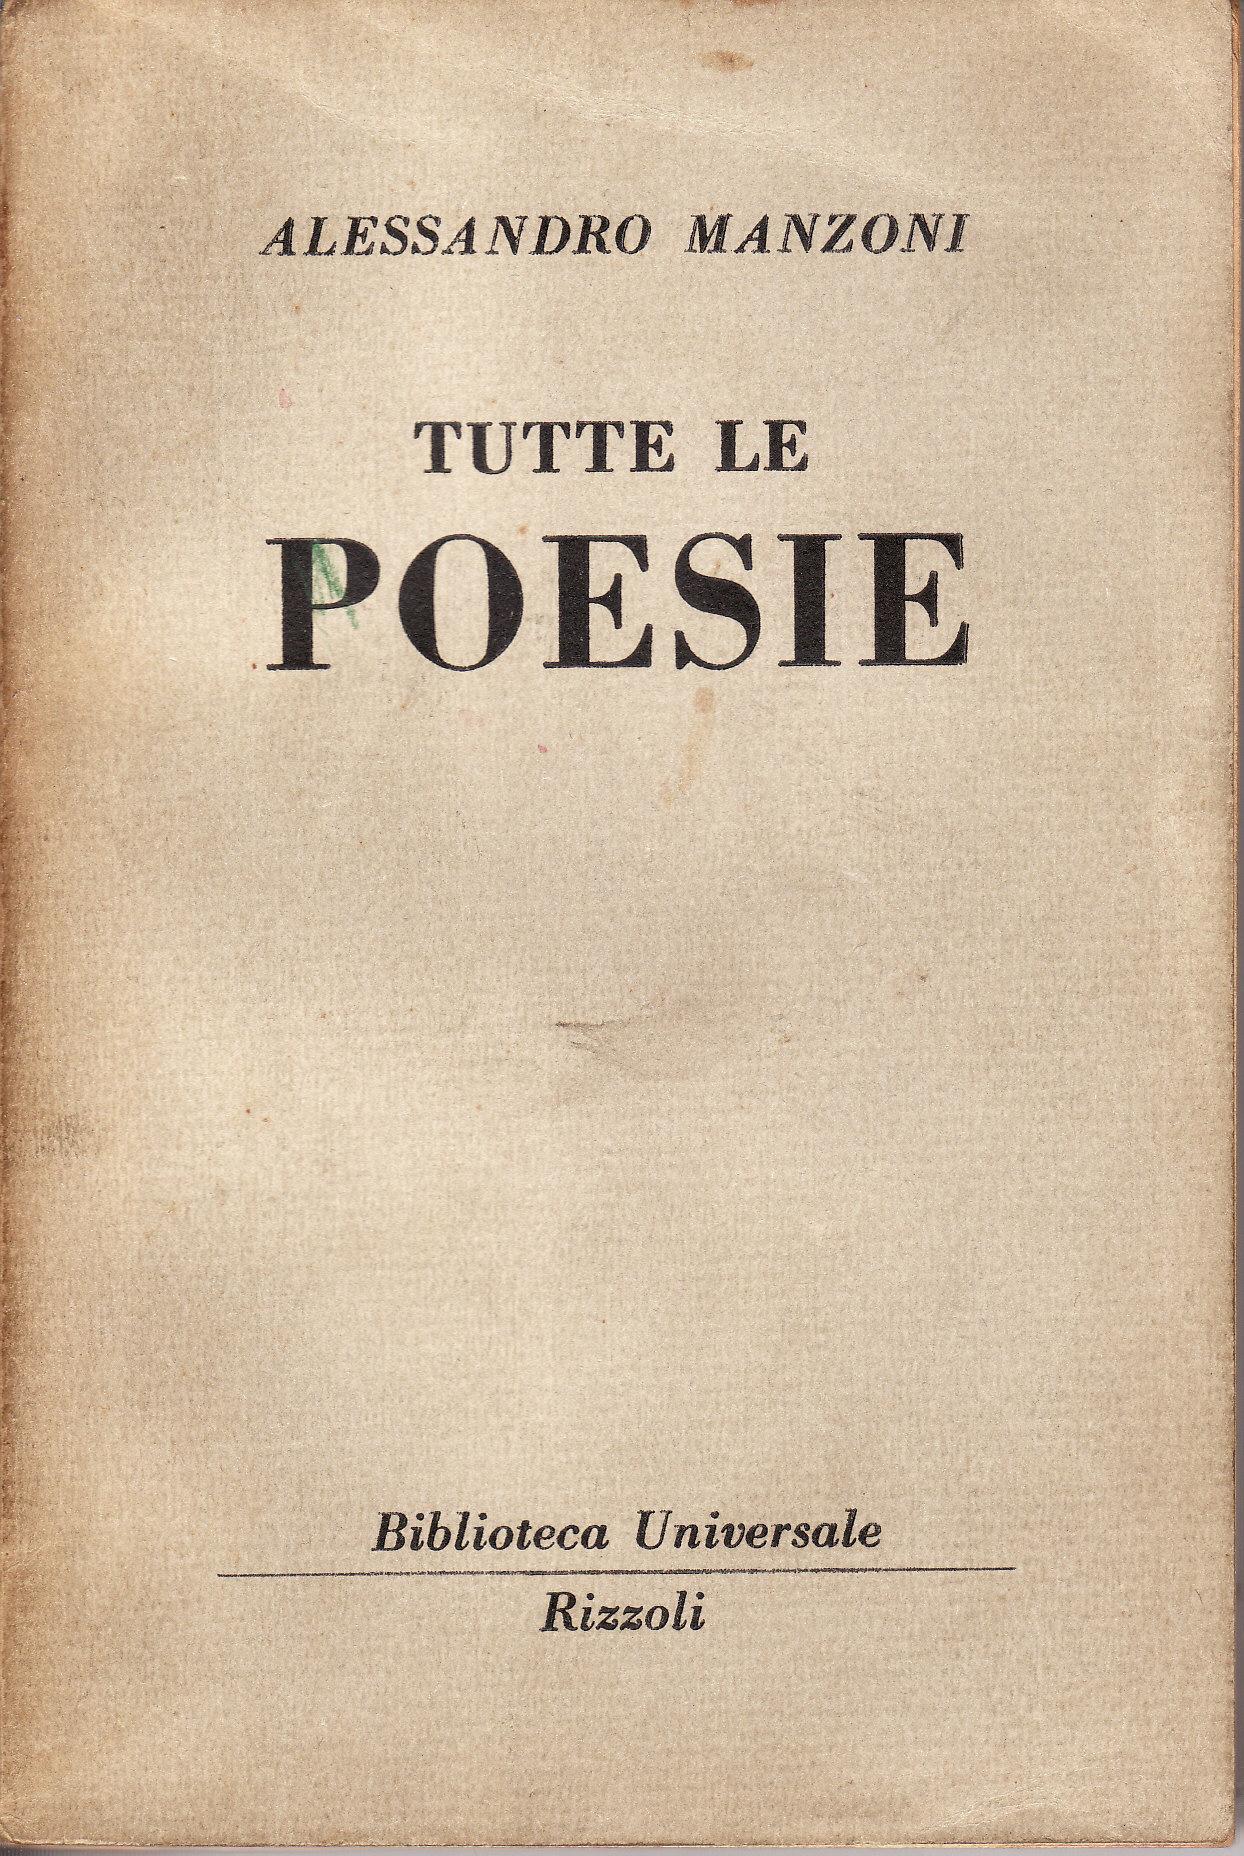 Tutte le poesie